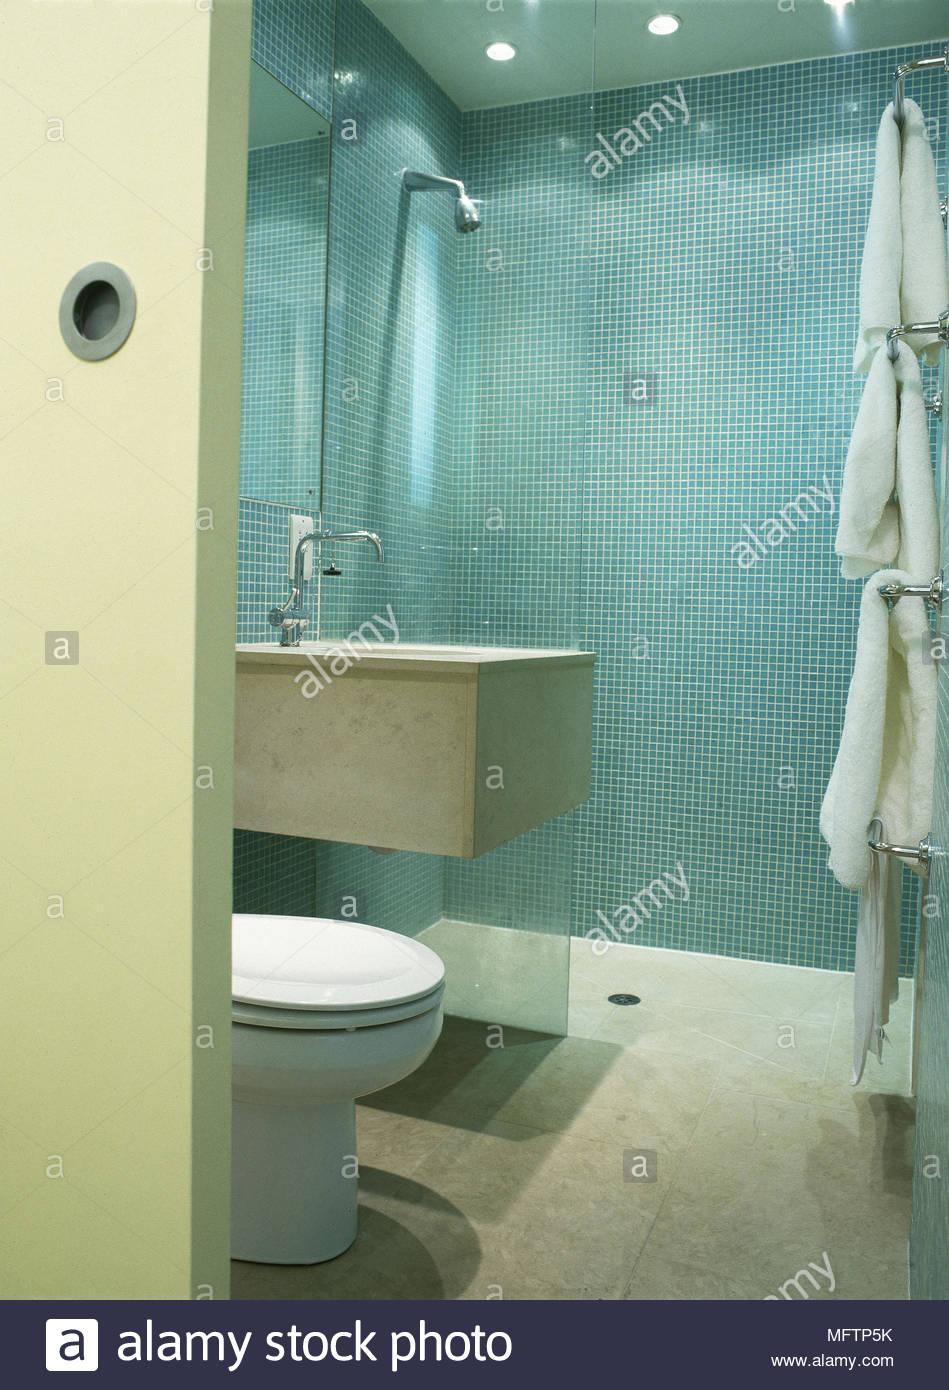 Bagno moderno dettaglio blu piastrelle a mosaico square lavabo area ...